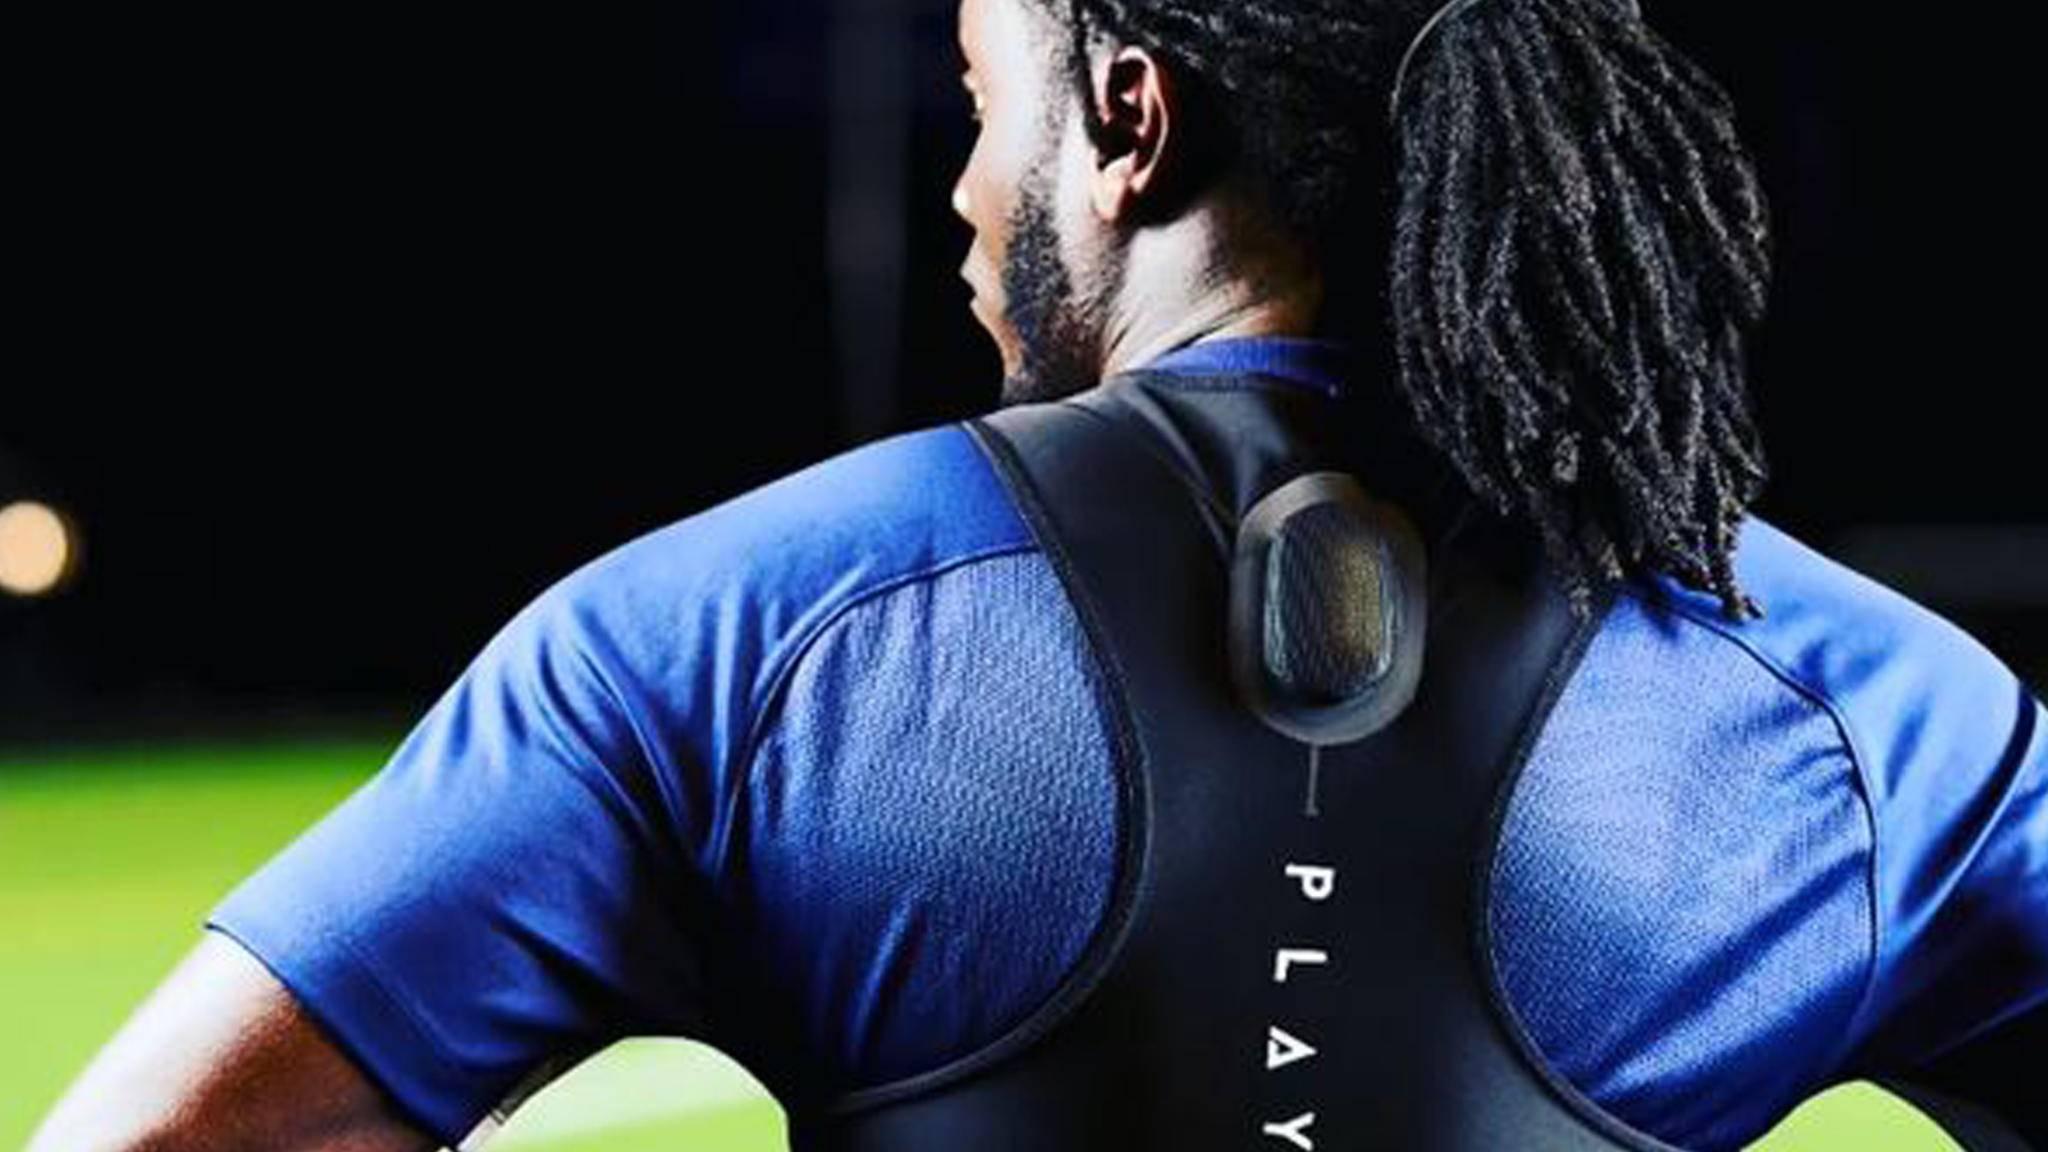 Der Playr Smartcoach ist einer der Tracker, die zur WM 2018 offiziell zugelassen wurden.